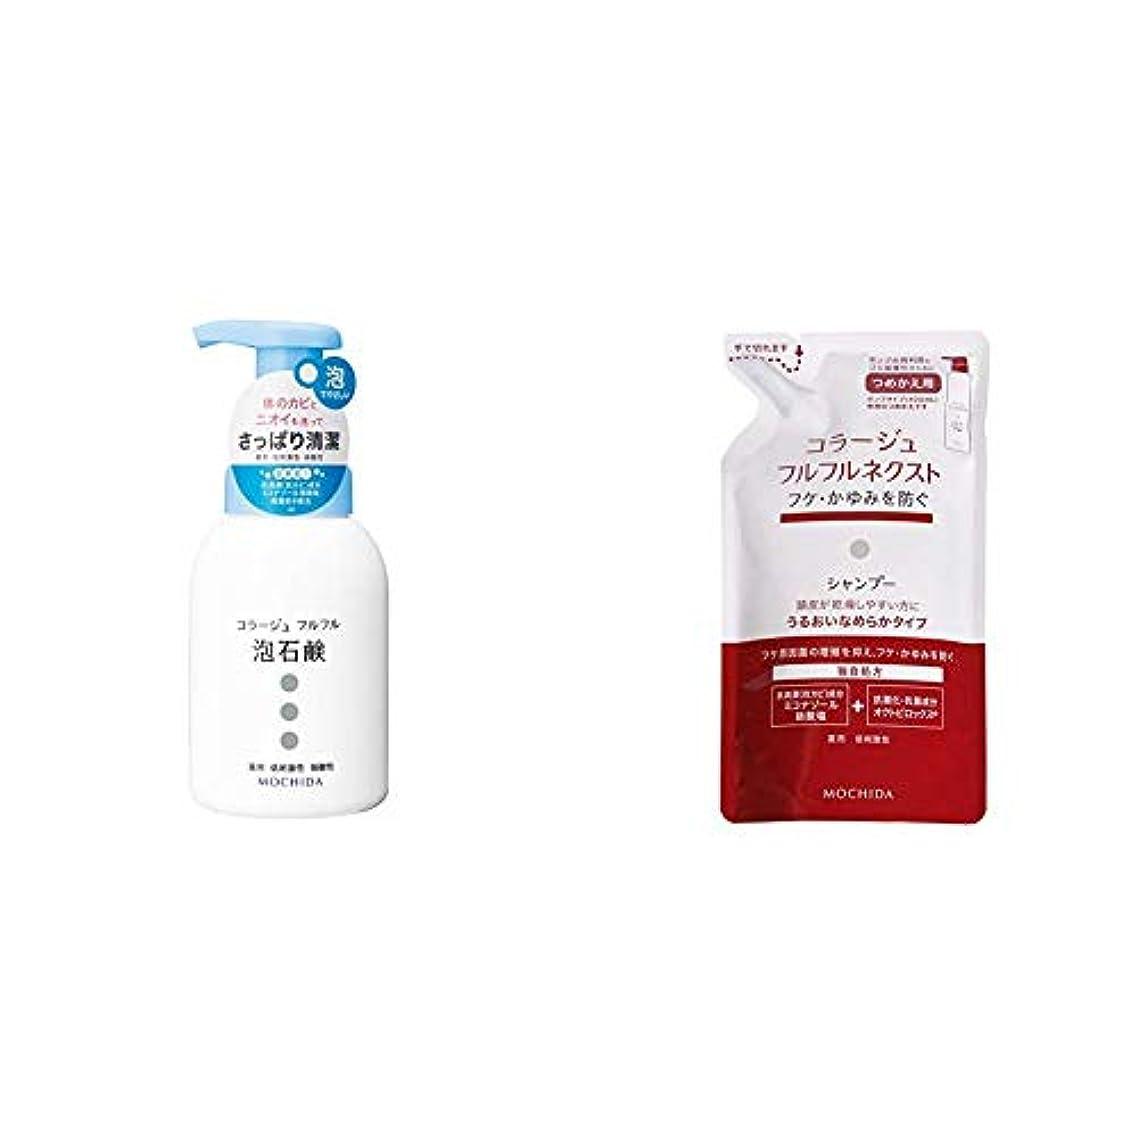 レキシコンたくさんクールコラージュフルフル 泡石鹸 300mL (医薬部外品) & ネクストシャンプー うるおいなめらかタイプ (つめかえ用) 280mL (医薬部外品)